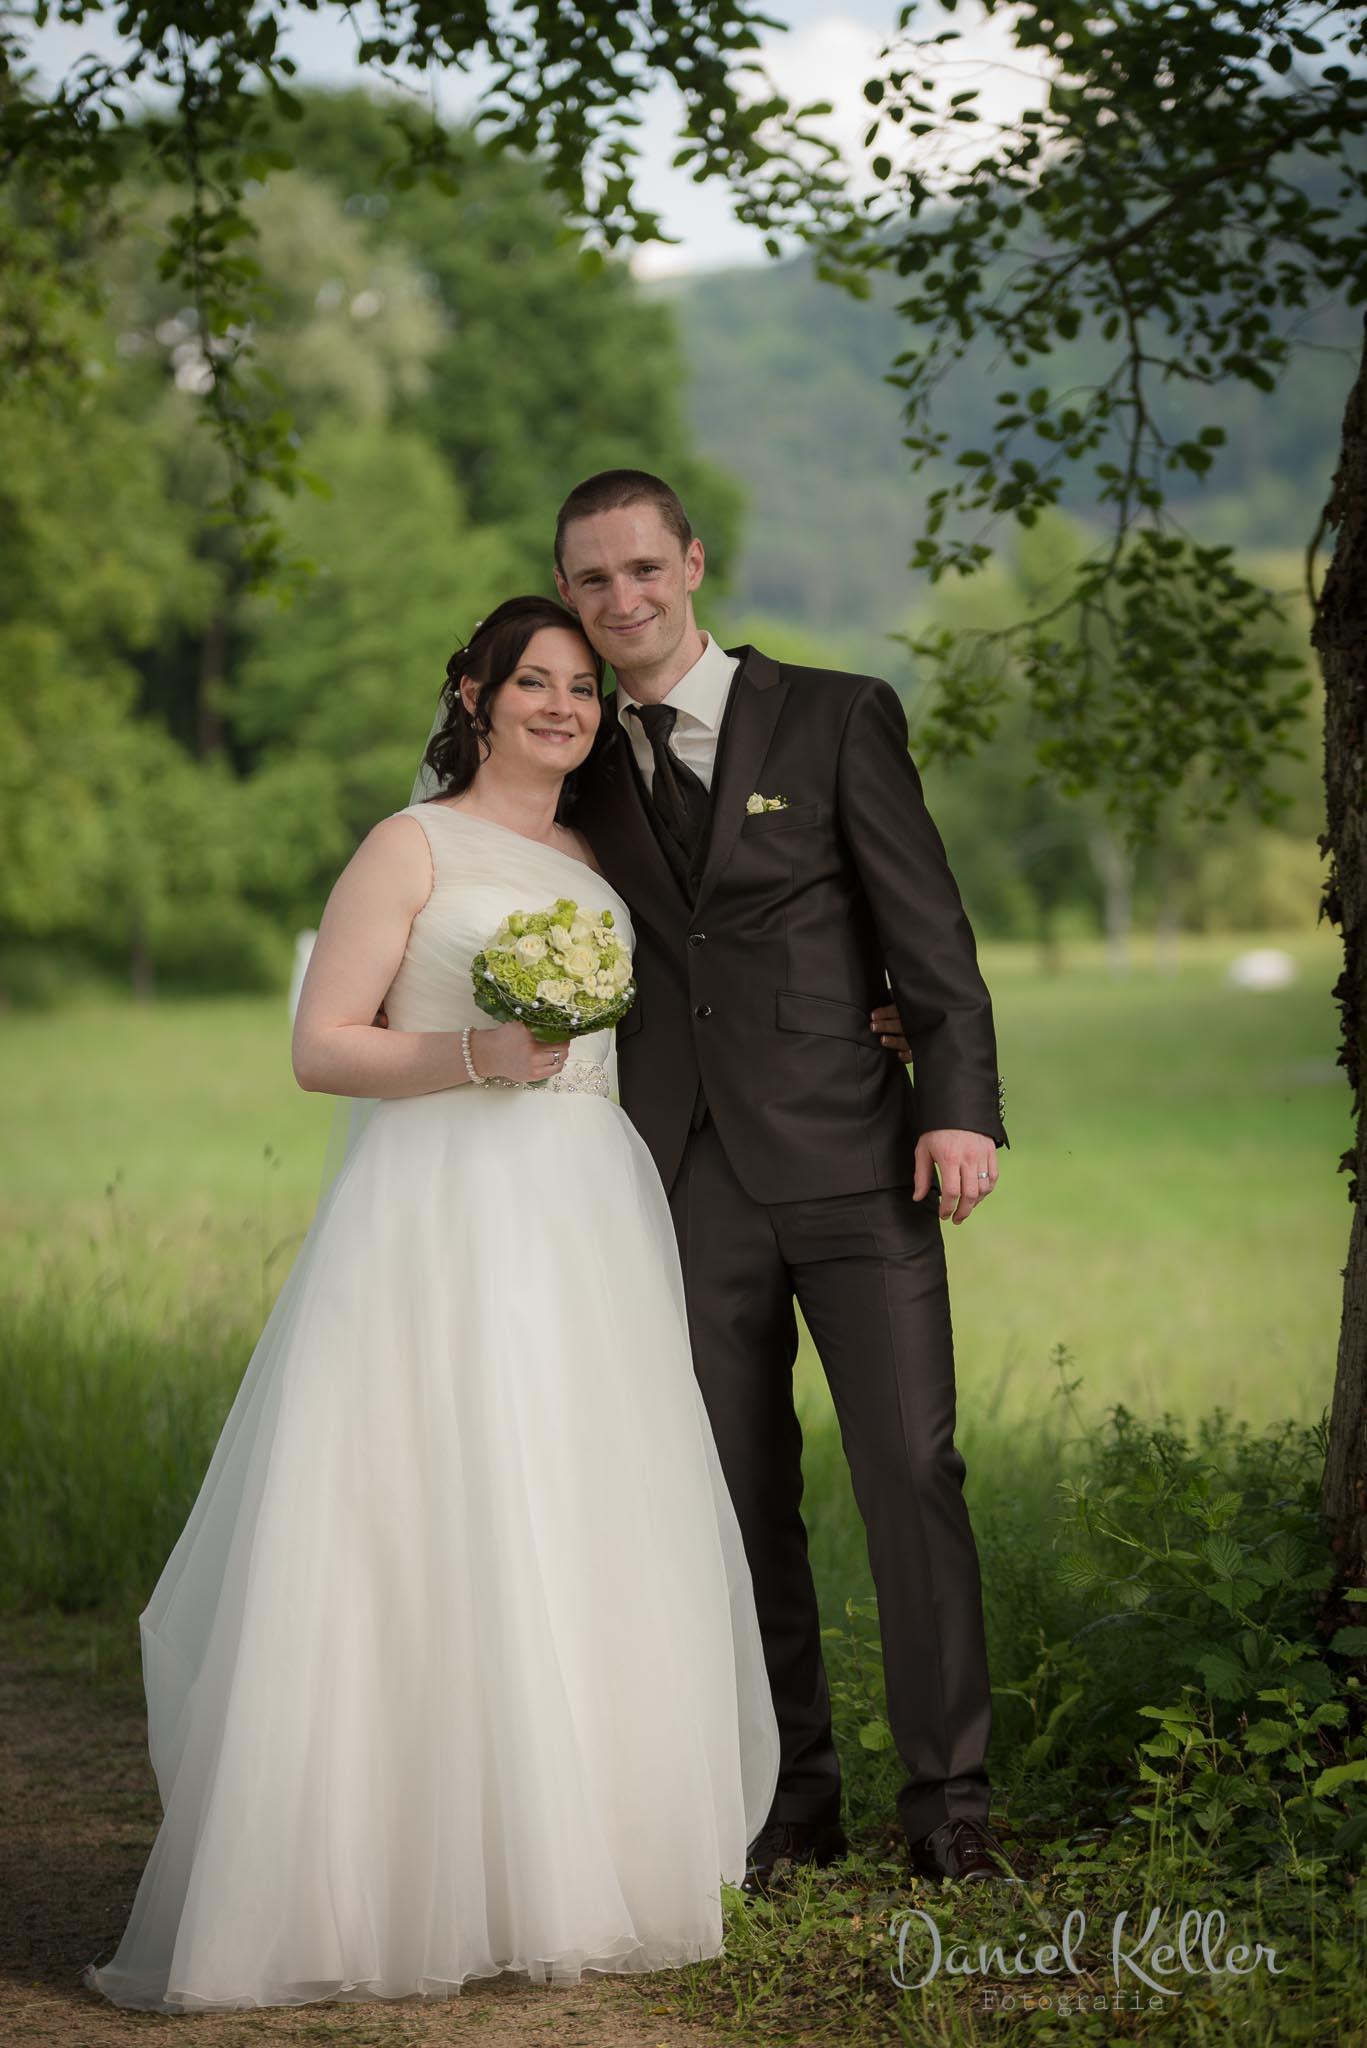 Hochzeitsbilder Skulpturenpark Durbach / Daniel Keller Fotografie